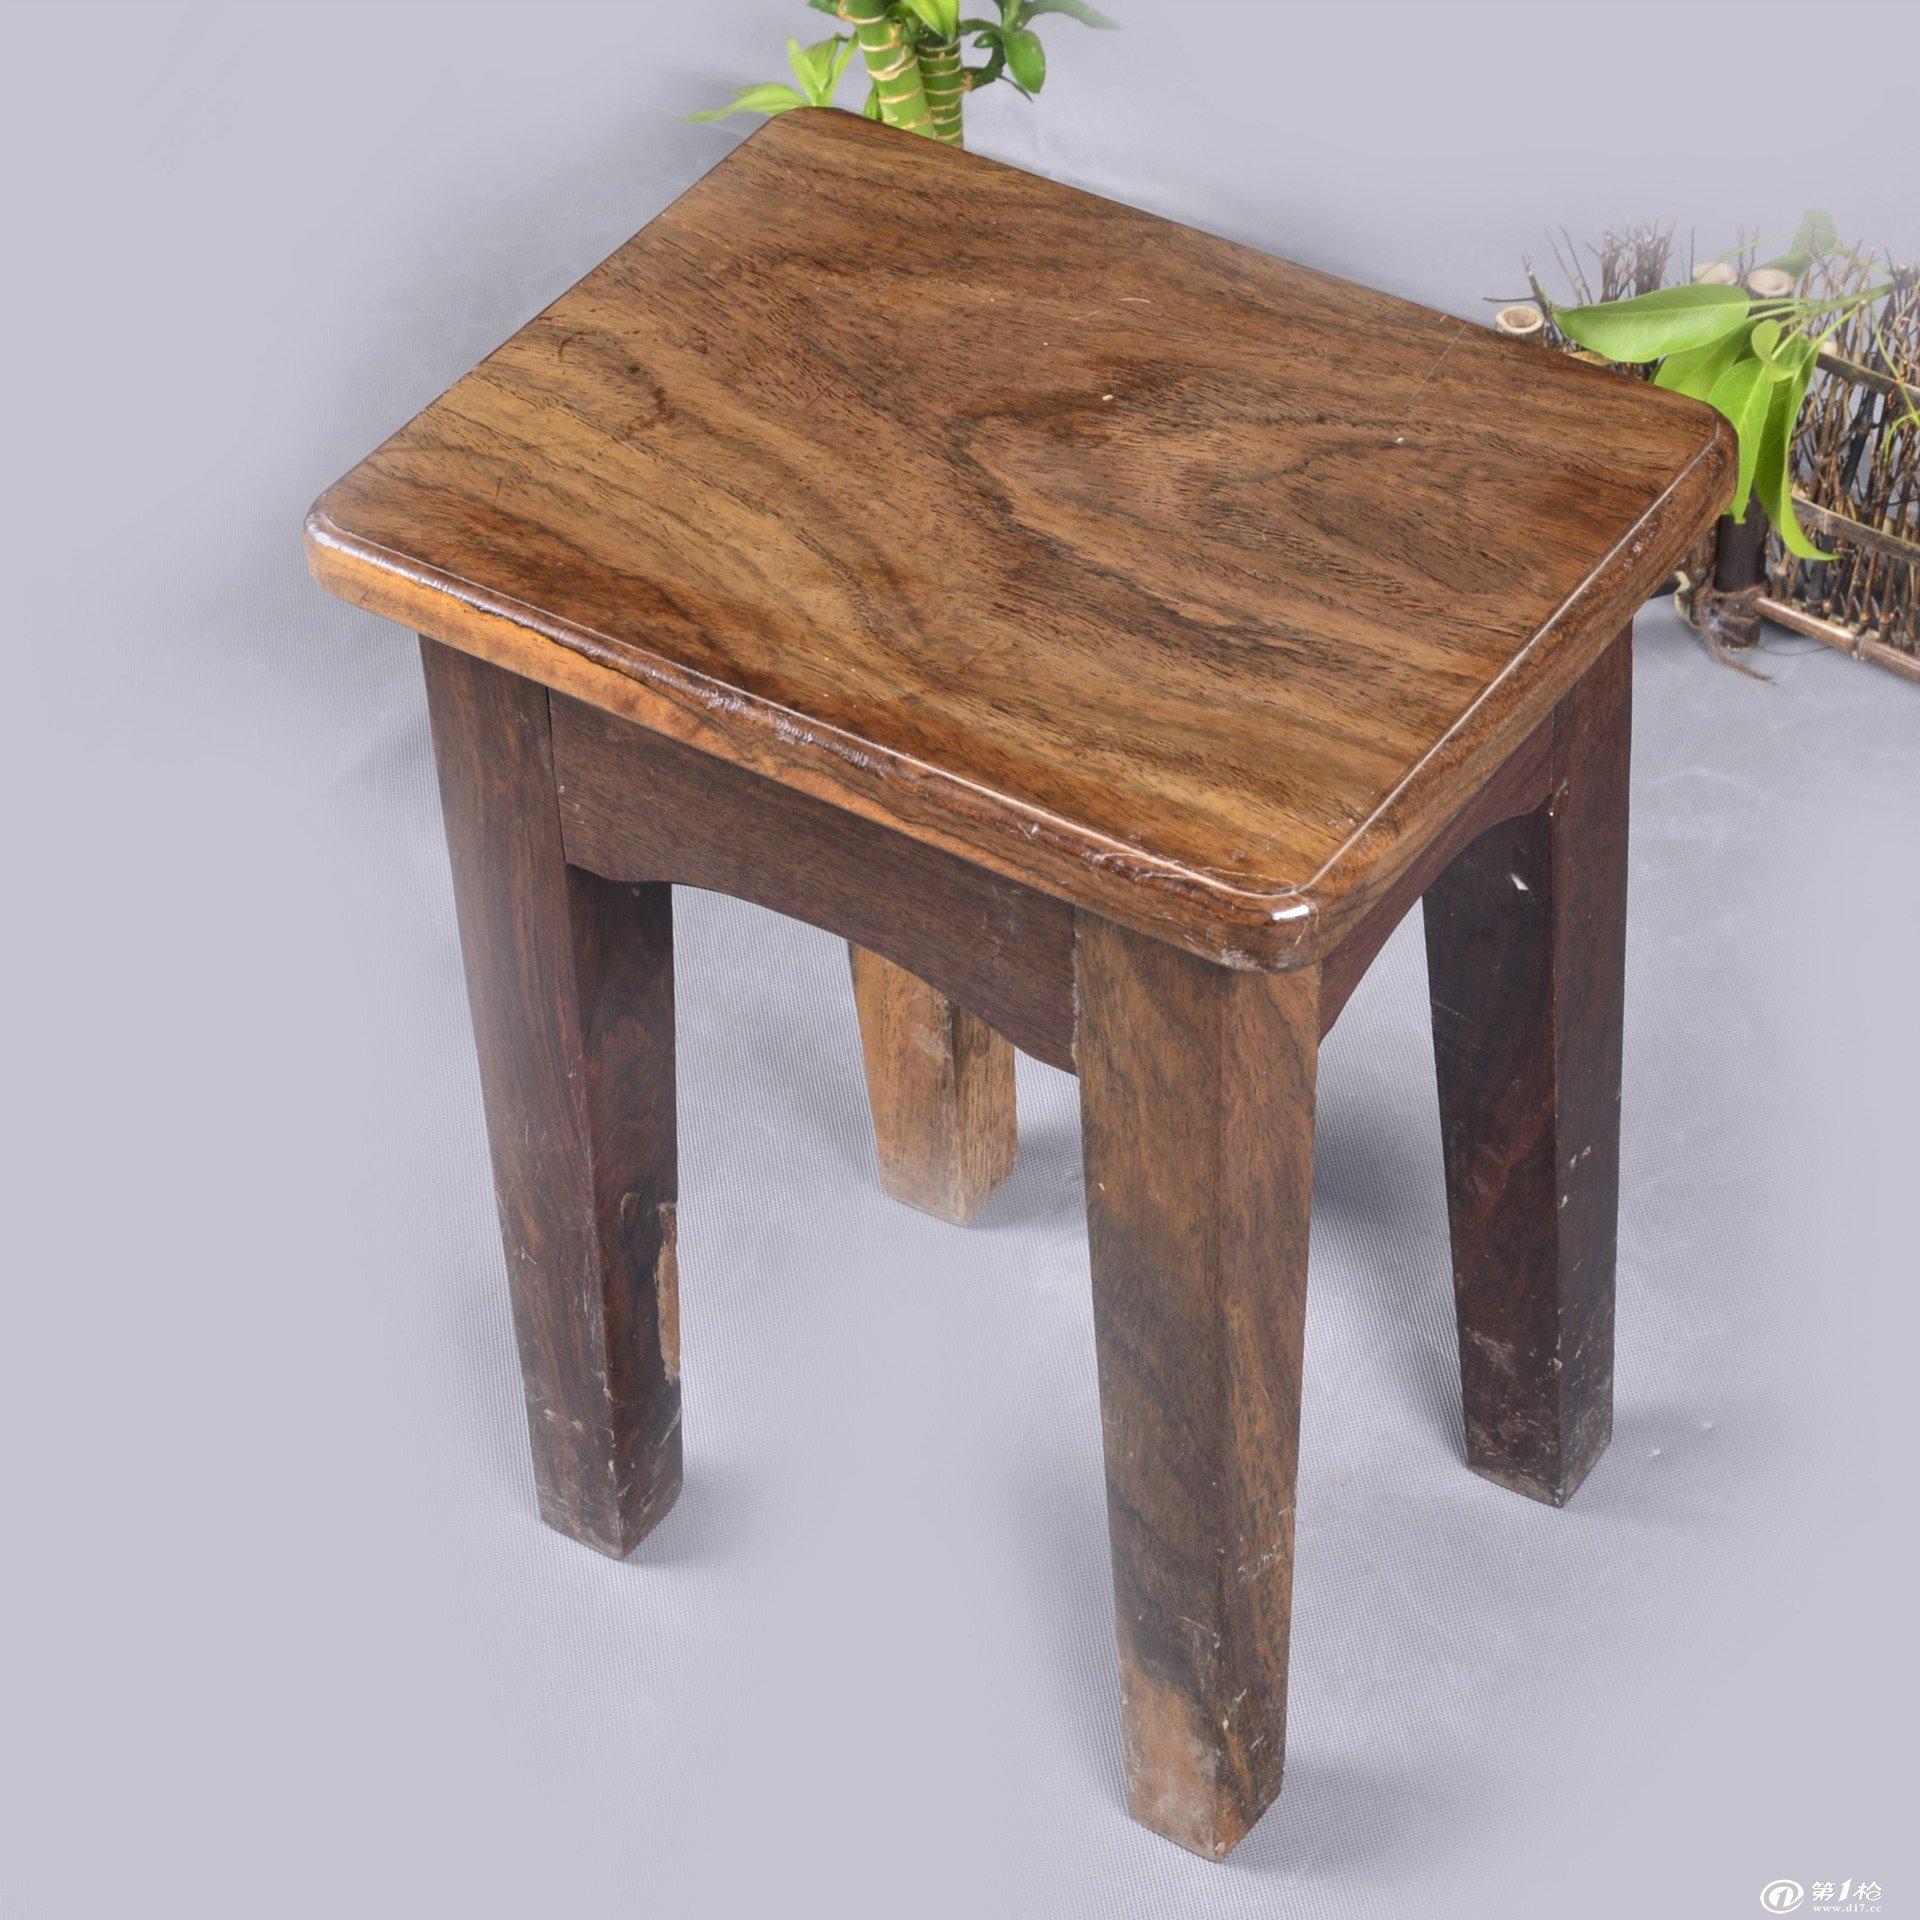 厂家直销 实木方凳子 精美中式古典凳子 优质木凳子批发